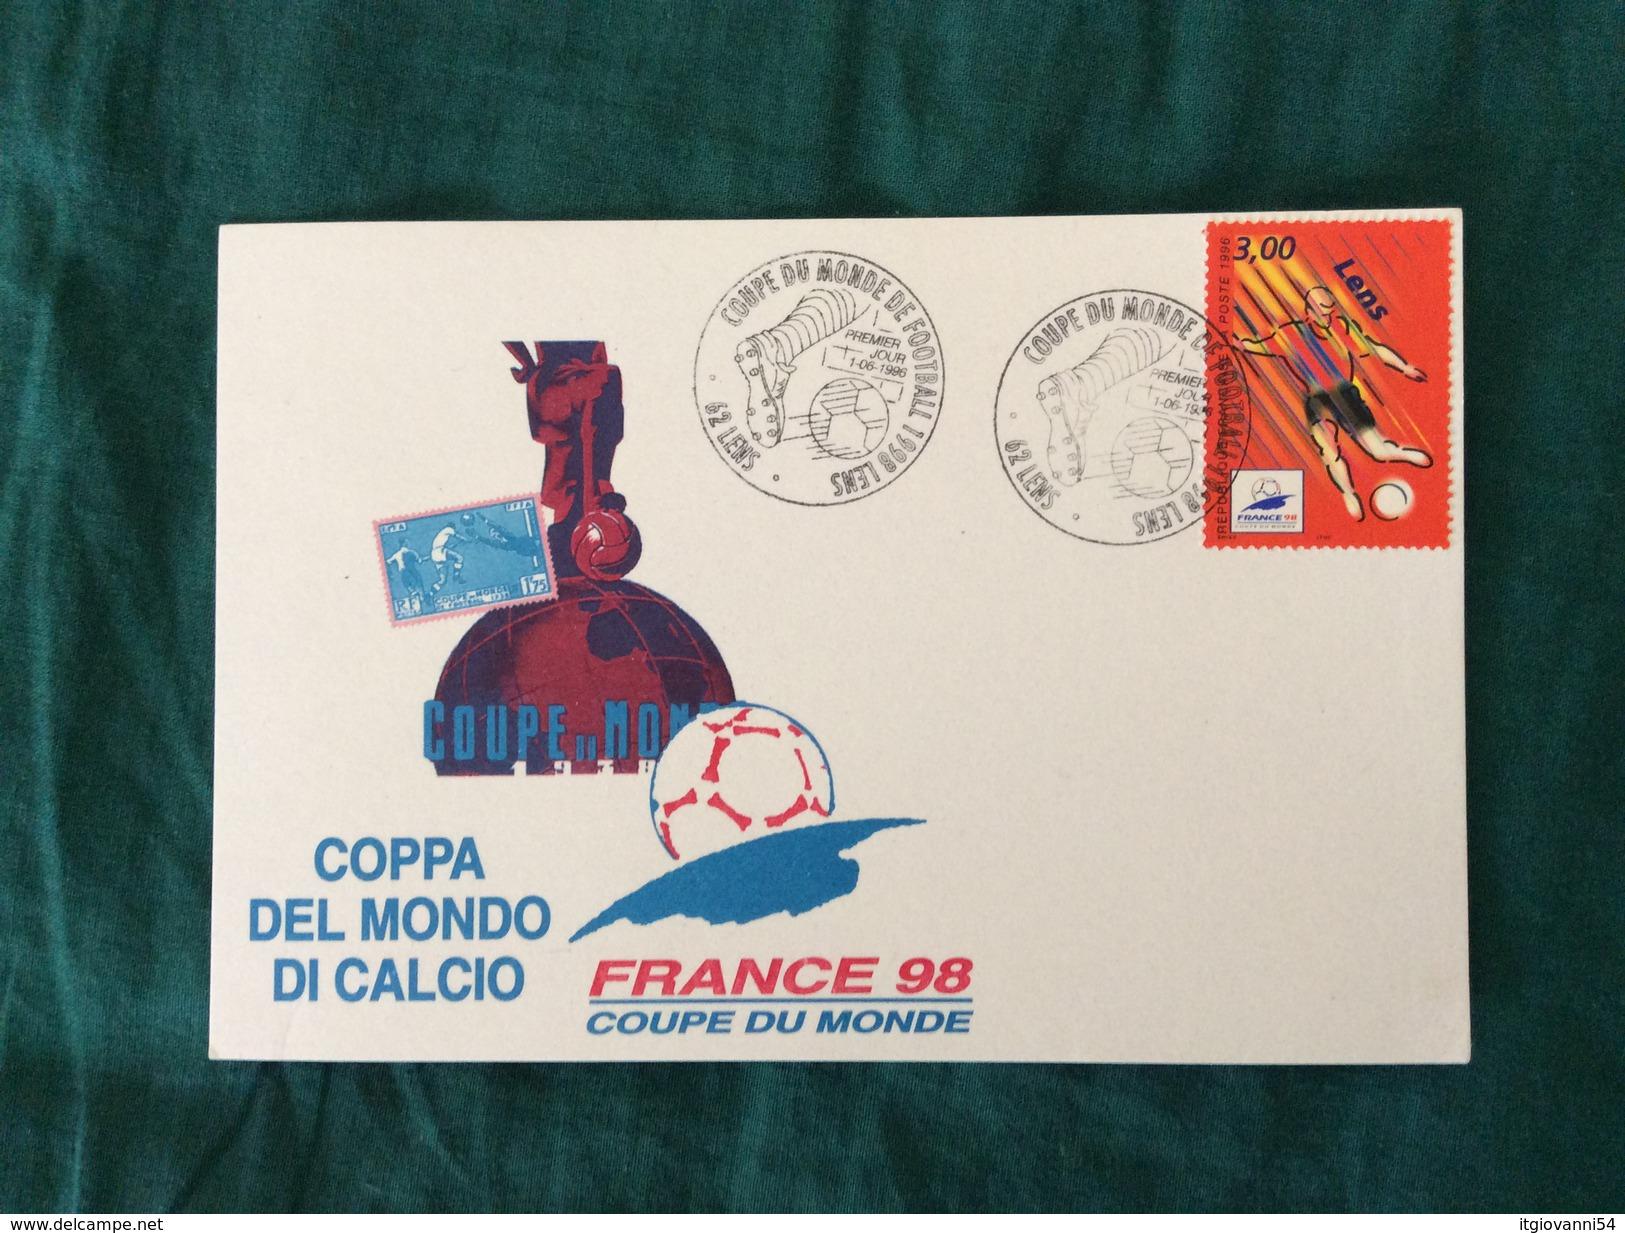 Cartoncino Speciale France 98 Con Annullo 1° Giorno Di Emissione Sul Francobollo Di Lens - Copa Mundial